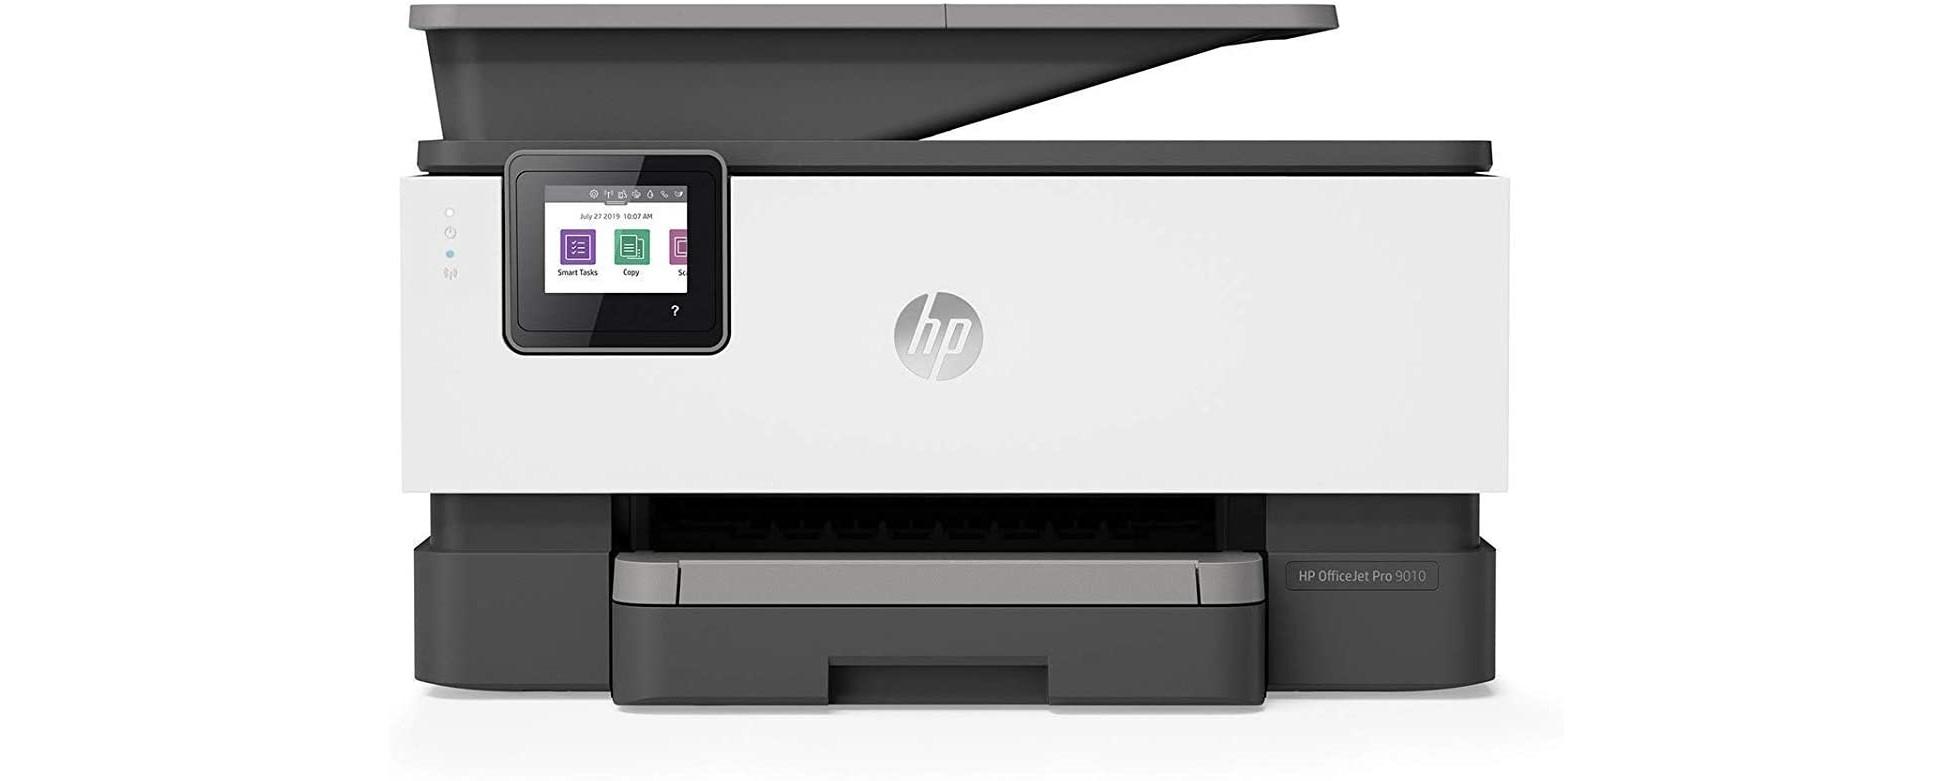 Cartuchos HP OfficeJet Pro 9010